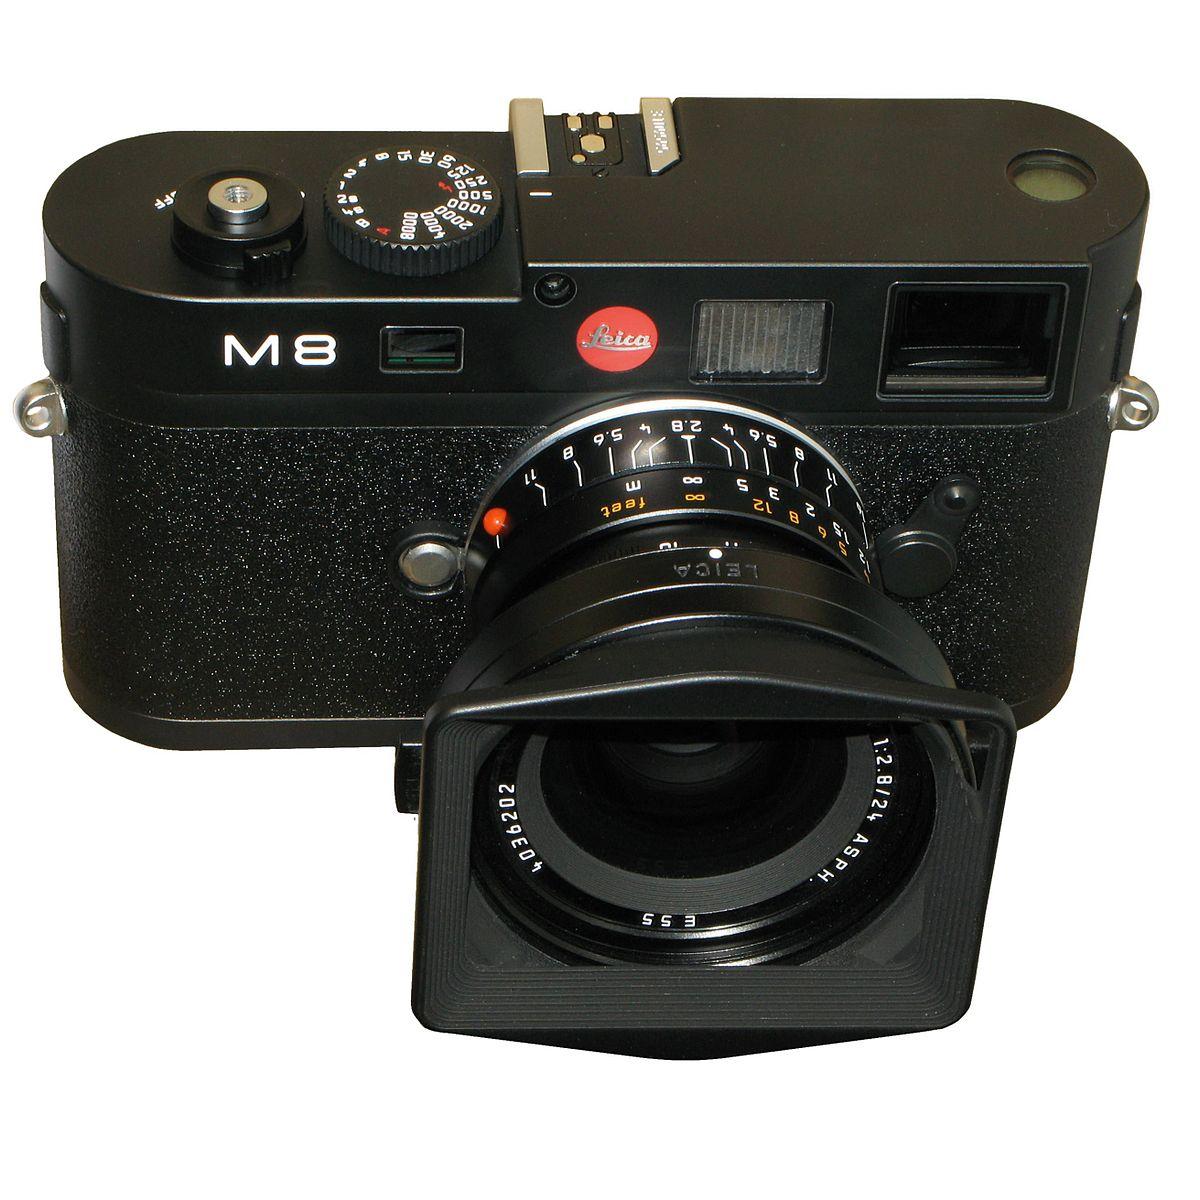 Руский вирт камера фото 295-938